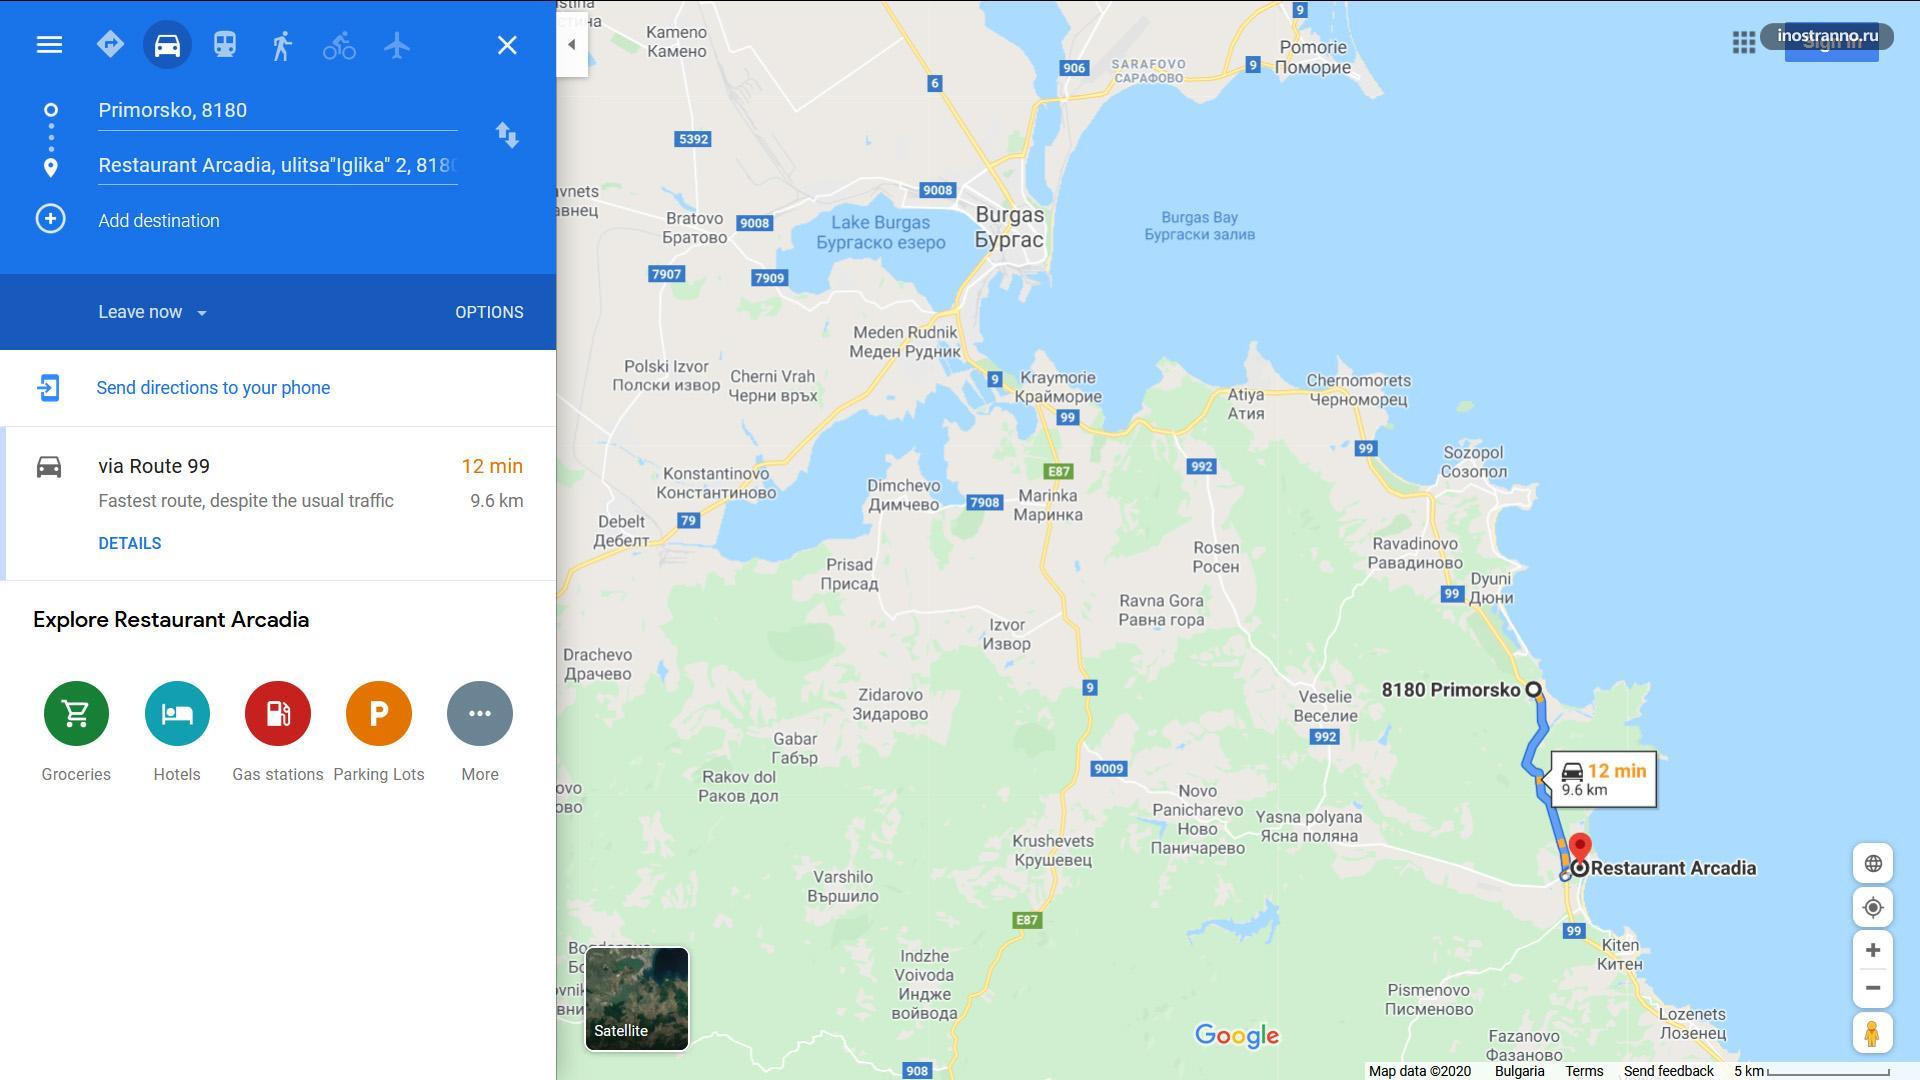 Аркутино пляж как добраться из Приморско и Бургаса